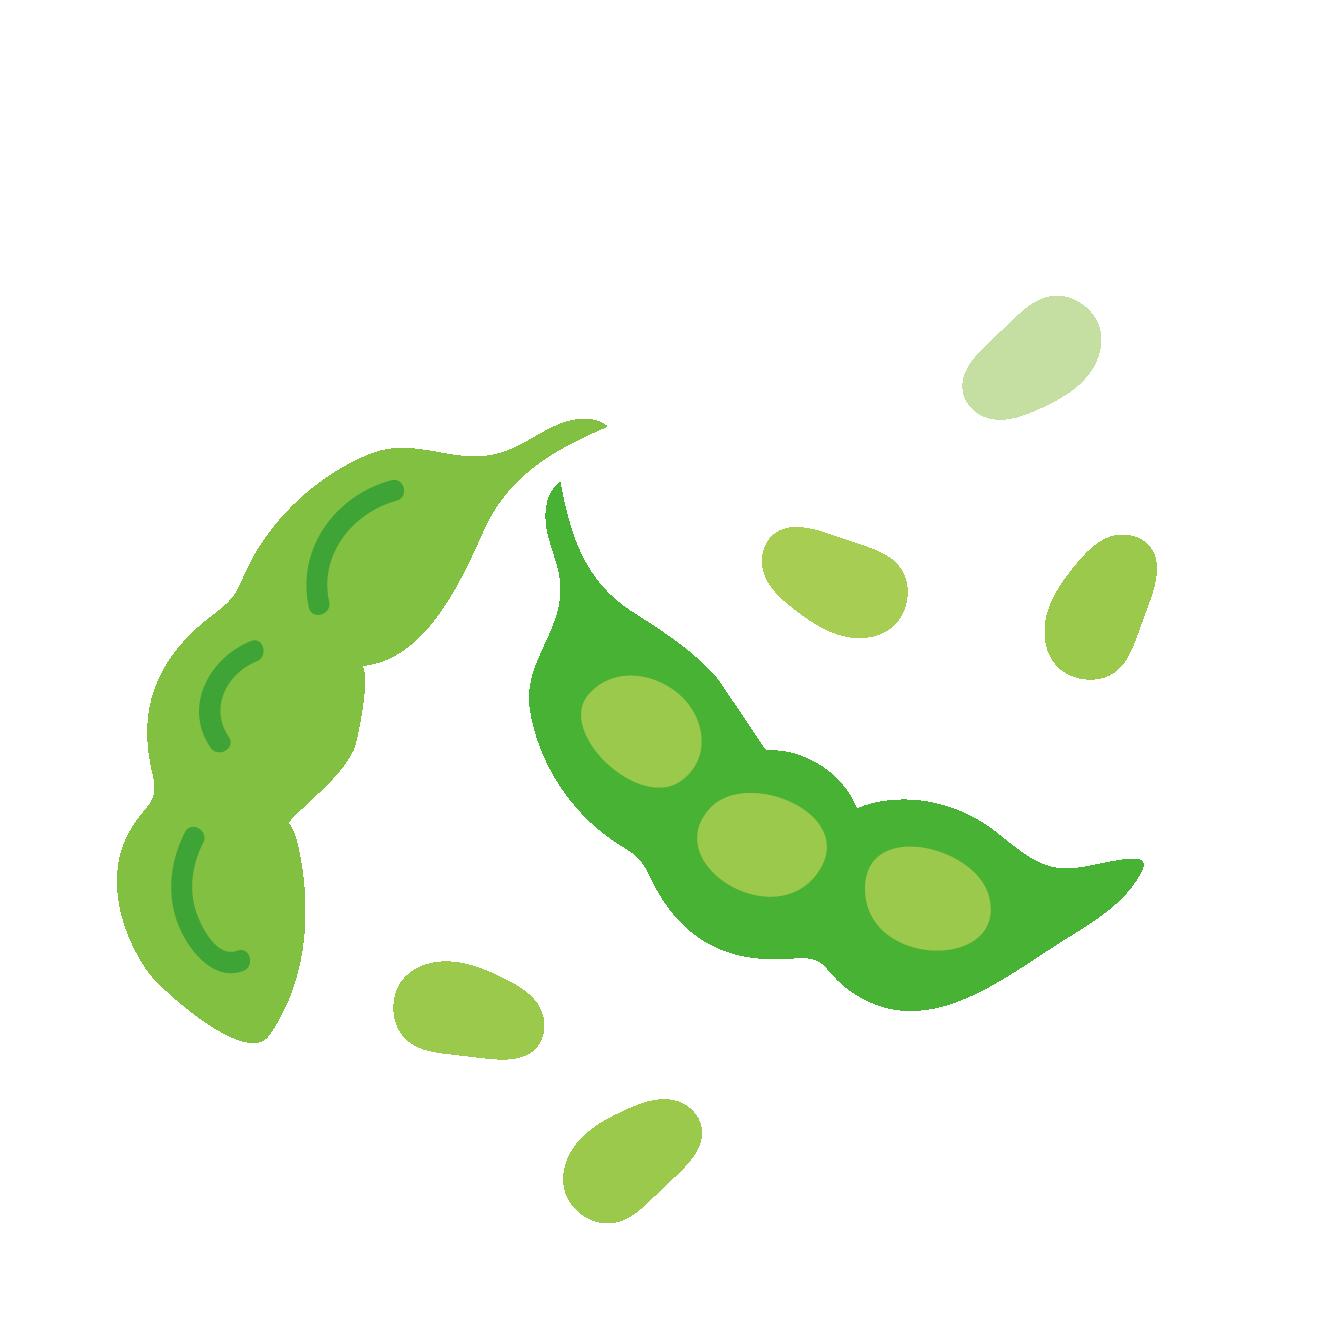 枝豆(えだ豆・エダマメ)おつまみ 野菜のイラスト | 商用フリー(無料